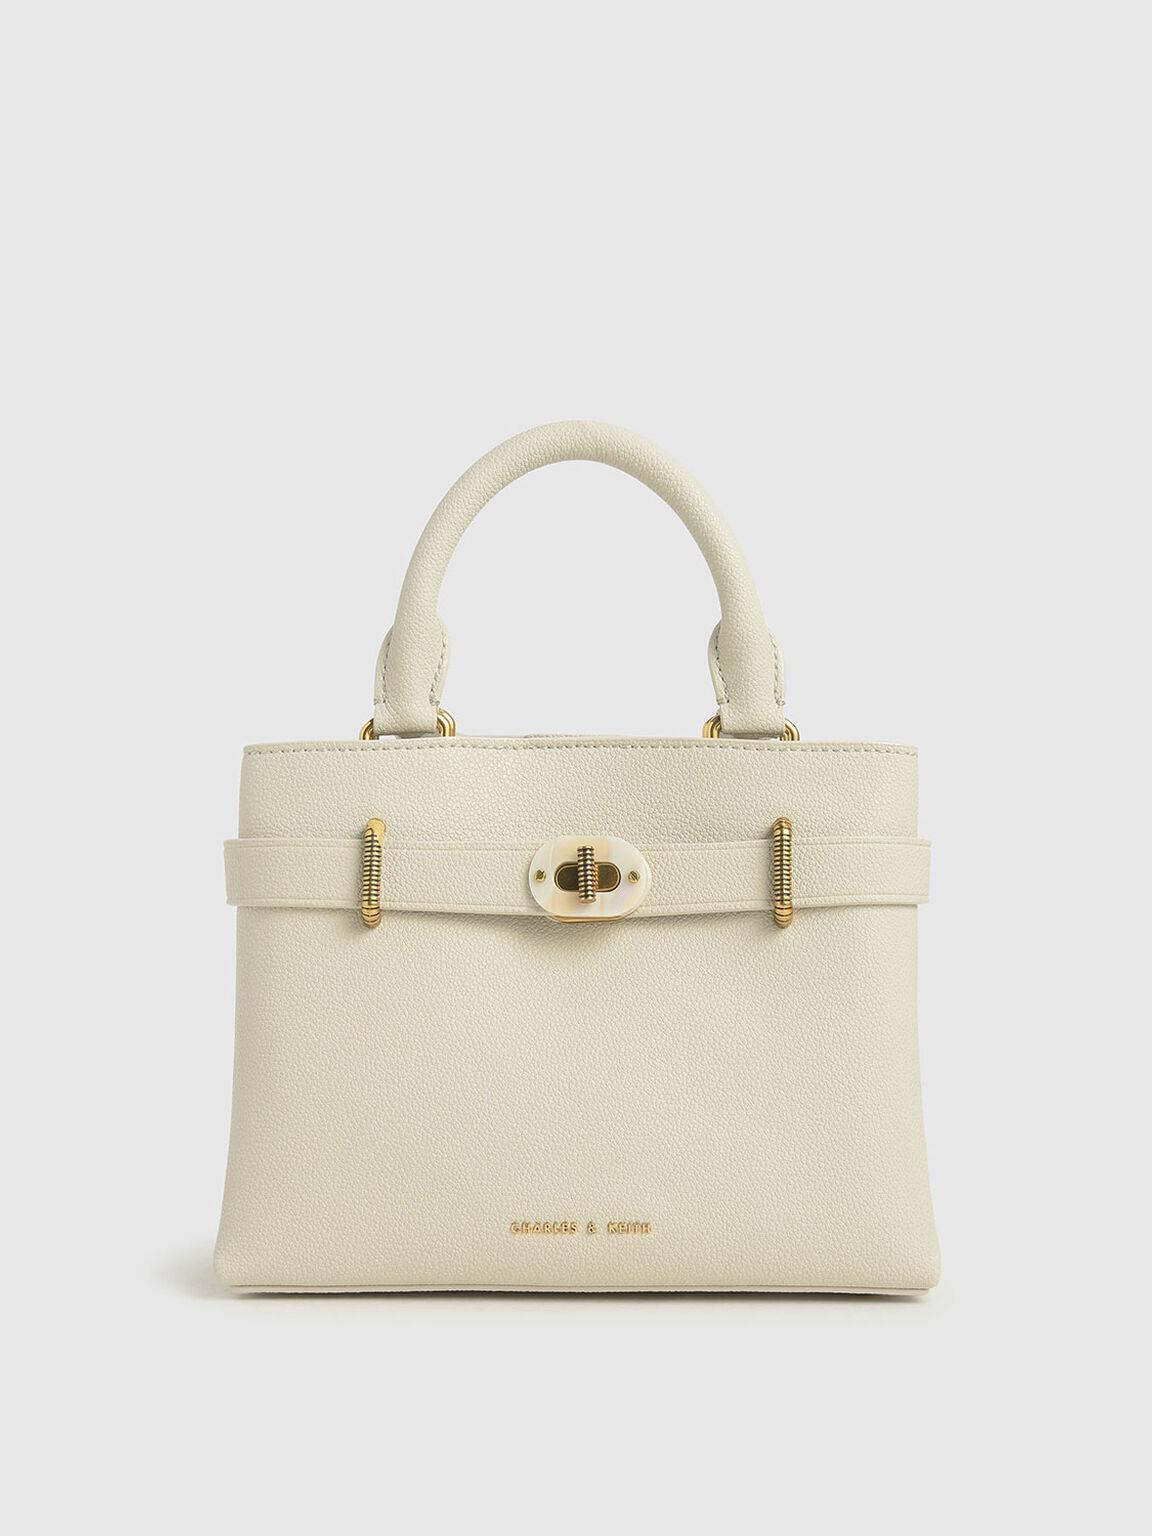 Turn-Lock Tote Bag, Cream, hi-res